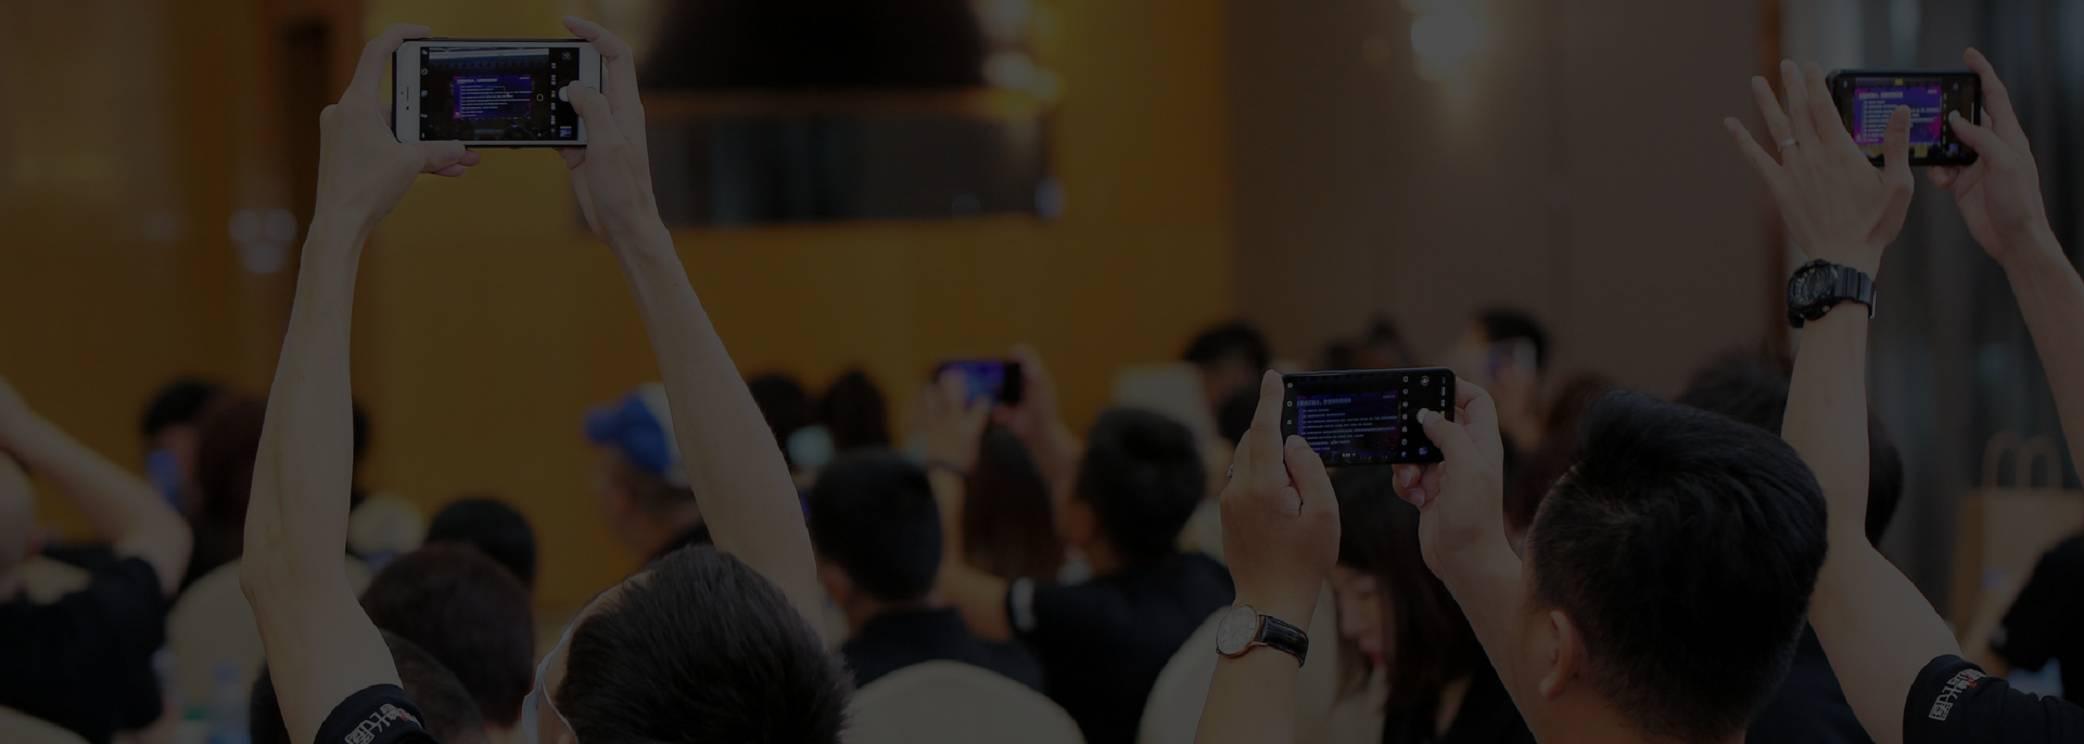 企业微信引流活码,渠道码,多人活码名片,自动安拉群,永久群二维码